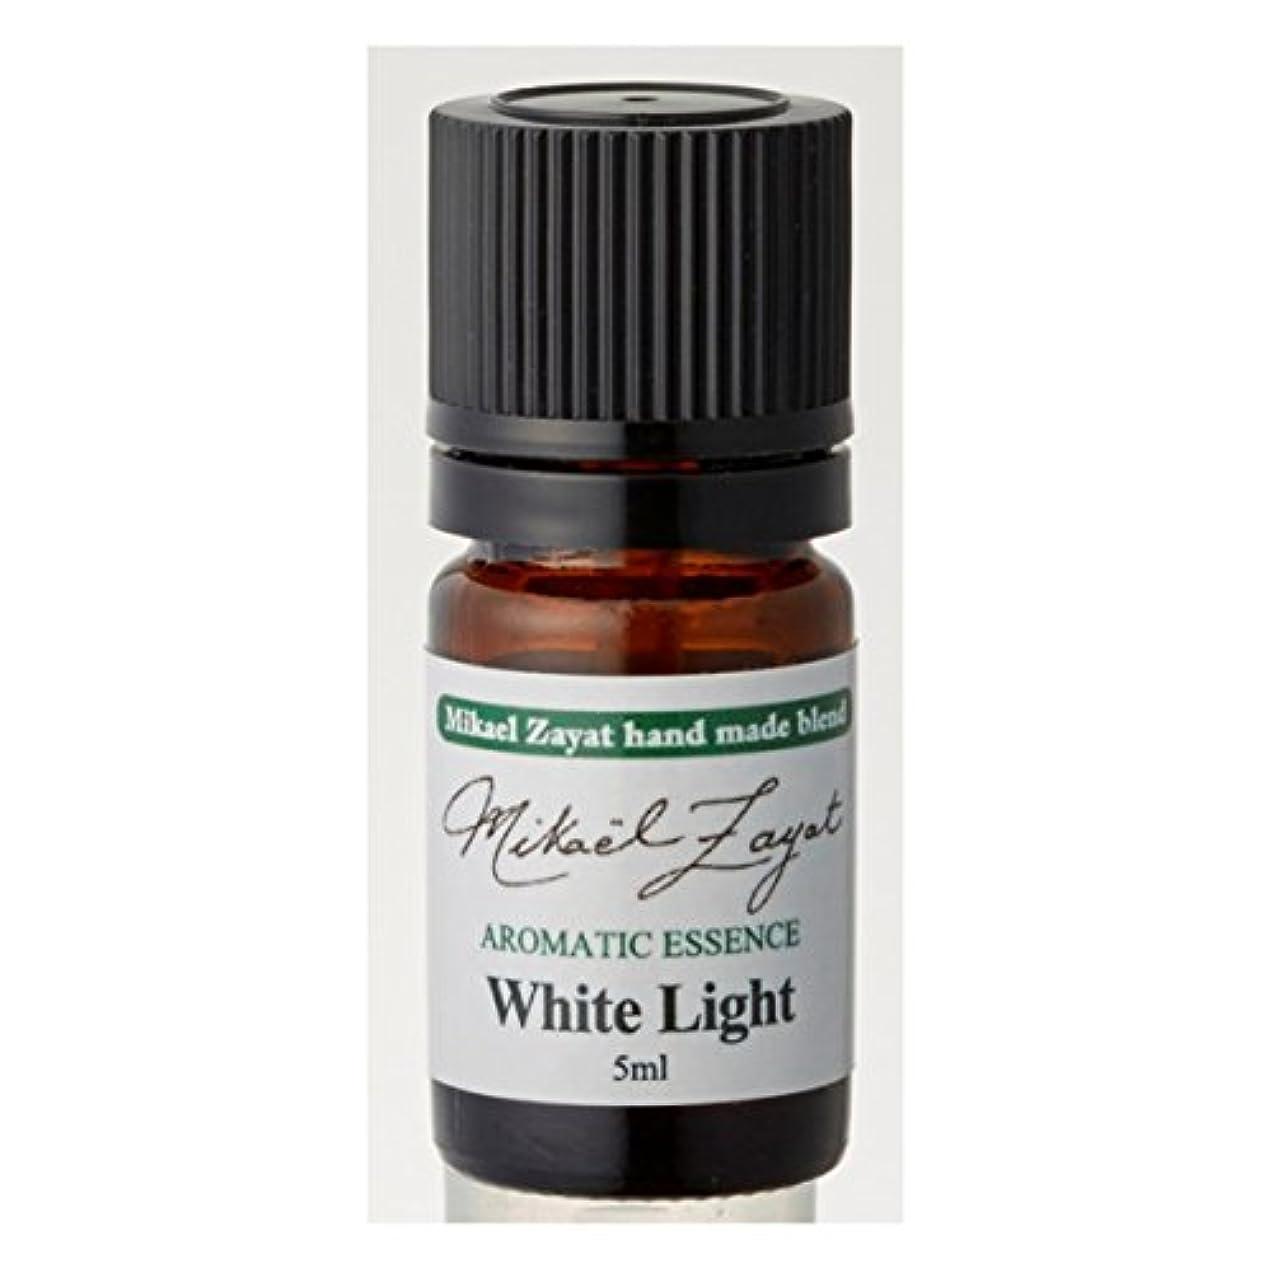 批判的にシンボル服を片付けるミカエルザヤット ホワイトライト White Light 5ml/ Mikael Zayat hand made blend